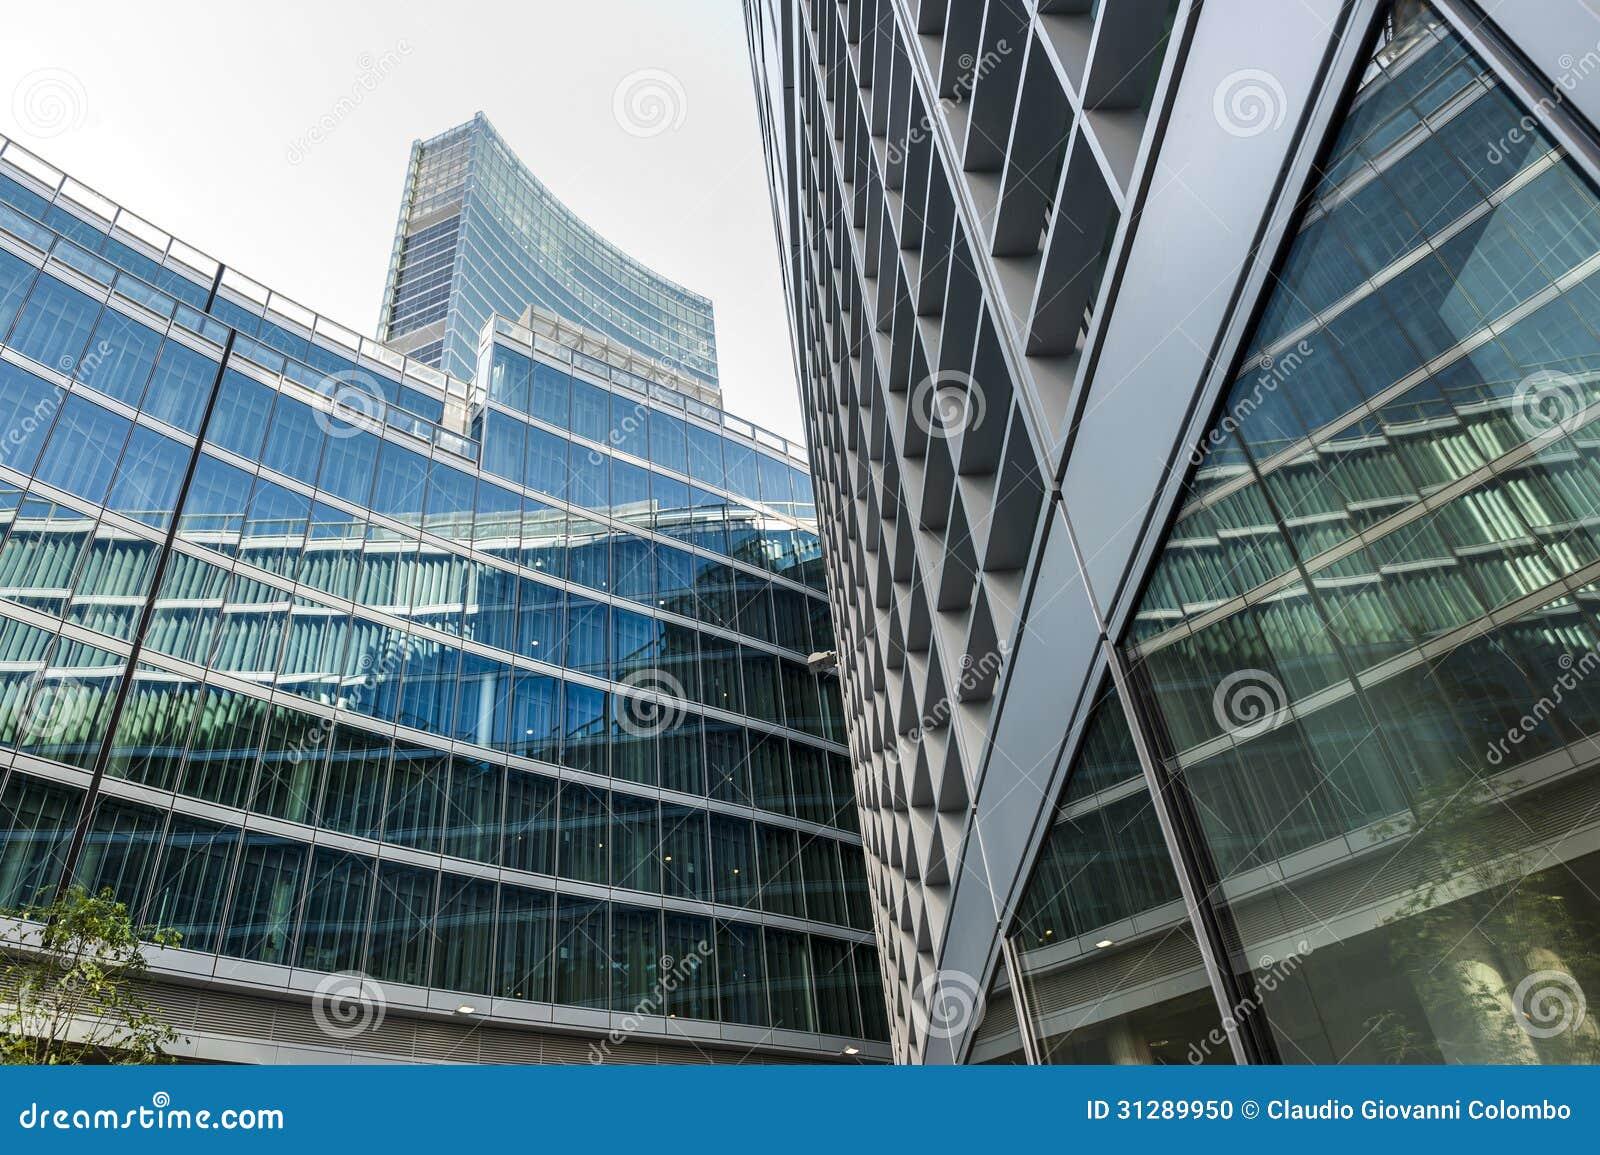 Edifici per uffici moderni a milano lombardia italia for Uffici temporanei milano prezzi